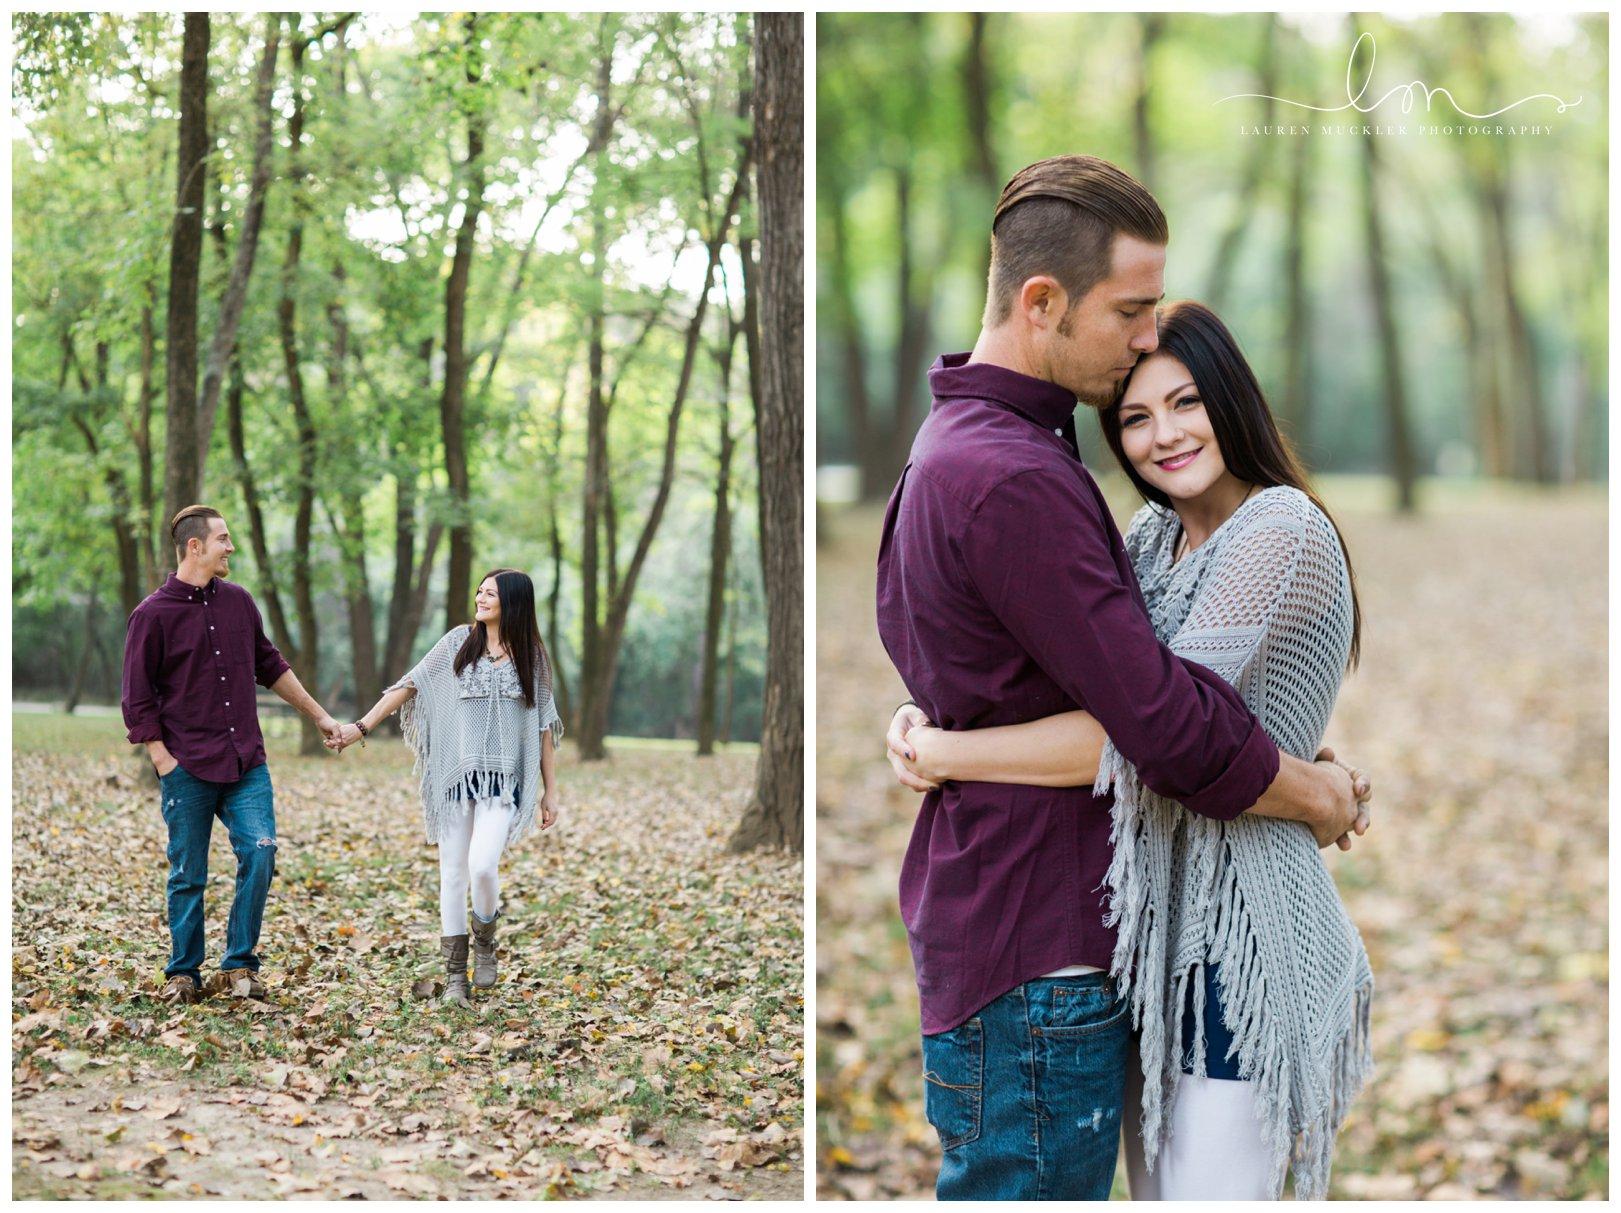 lauren muckler photography_fine art film wedding photography_st louis_photography_0737.jpg